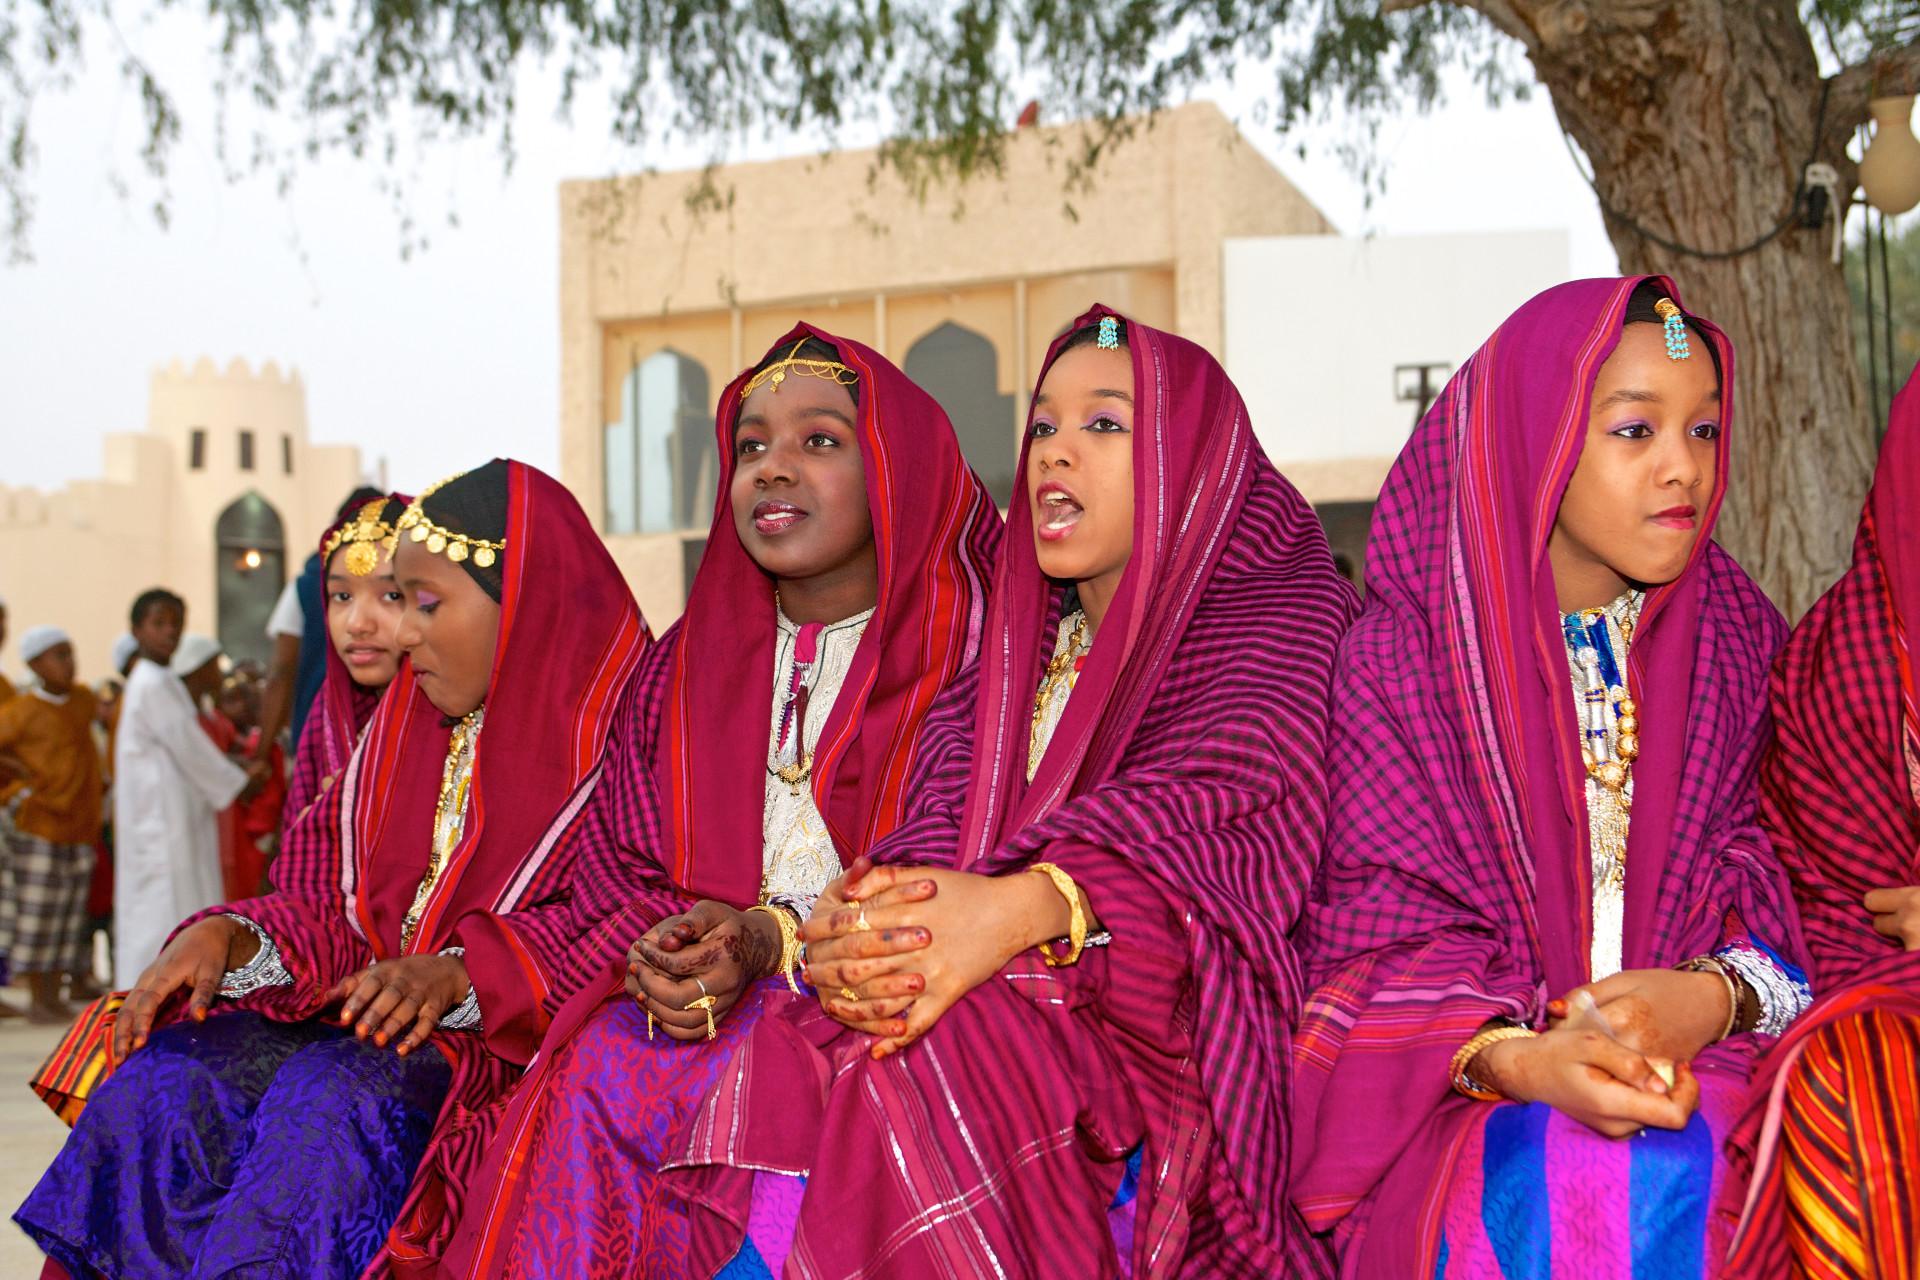 Omani meisjes in traditionele kleding, Oman